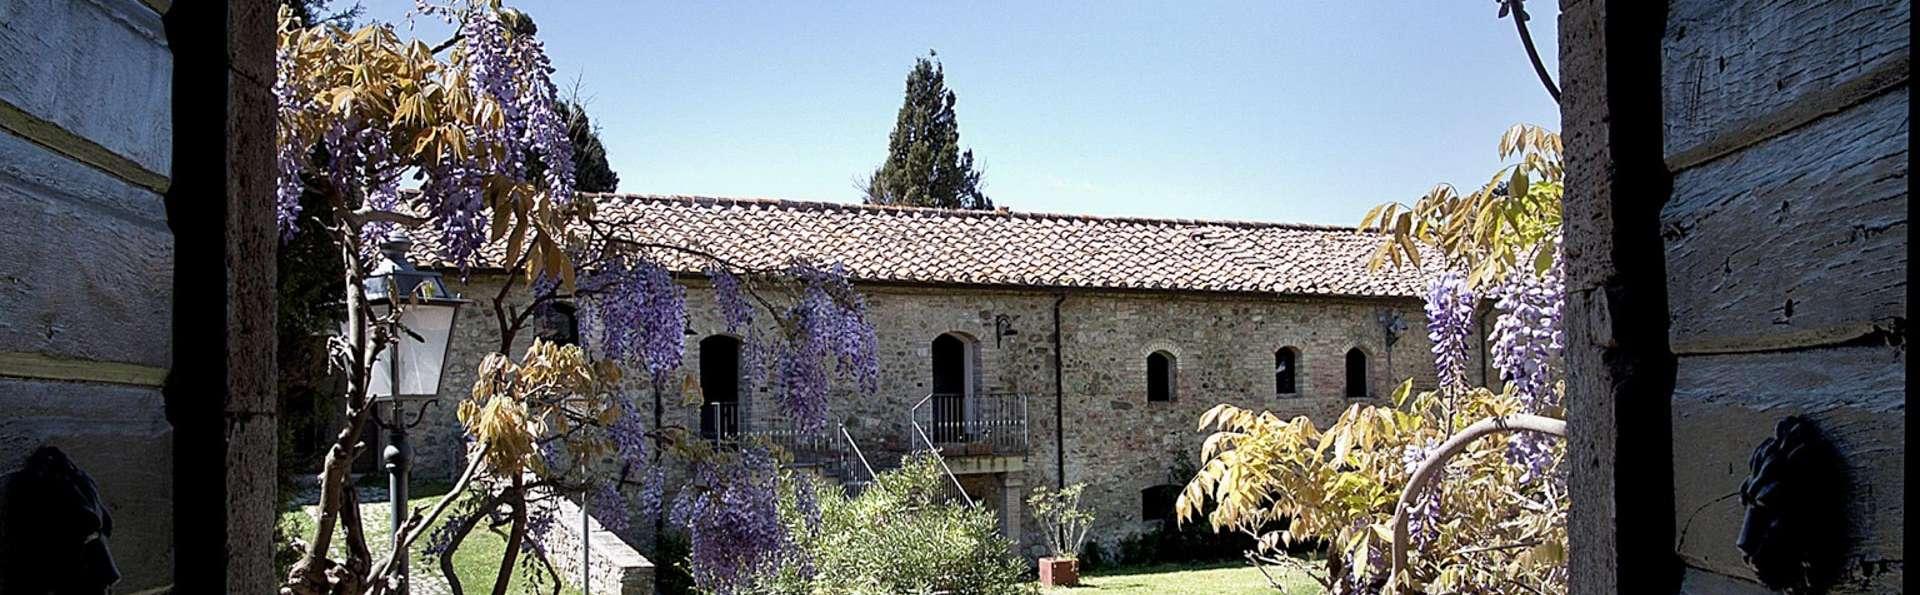 Castel Porrona Relais & Spa - EDIT_EXTERIOR_03.jpg